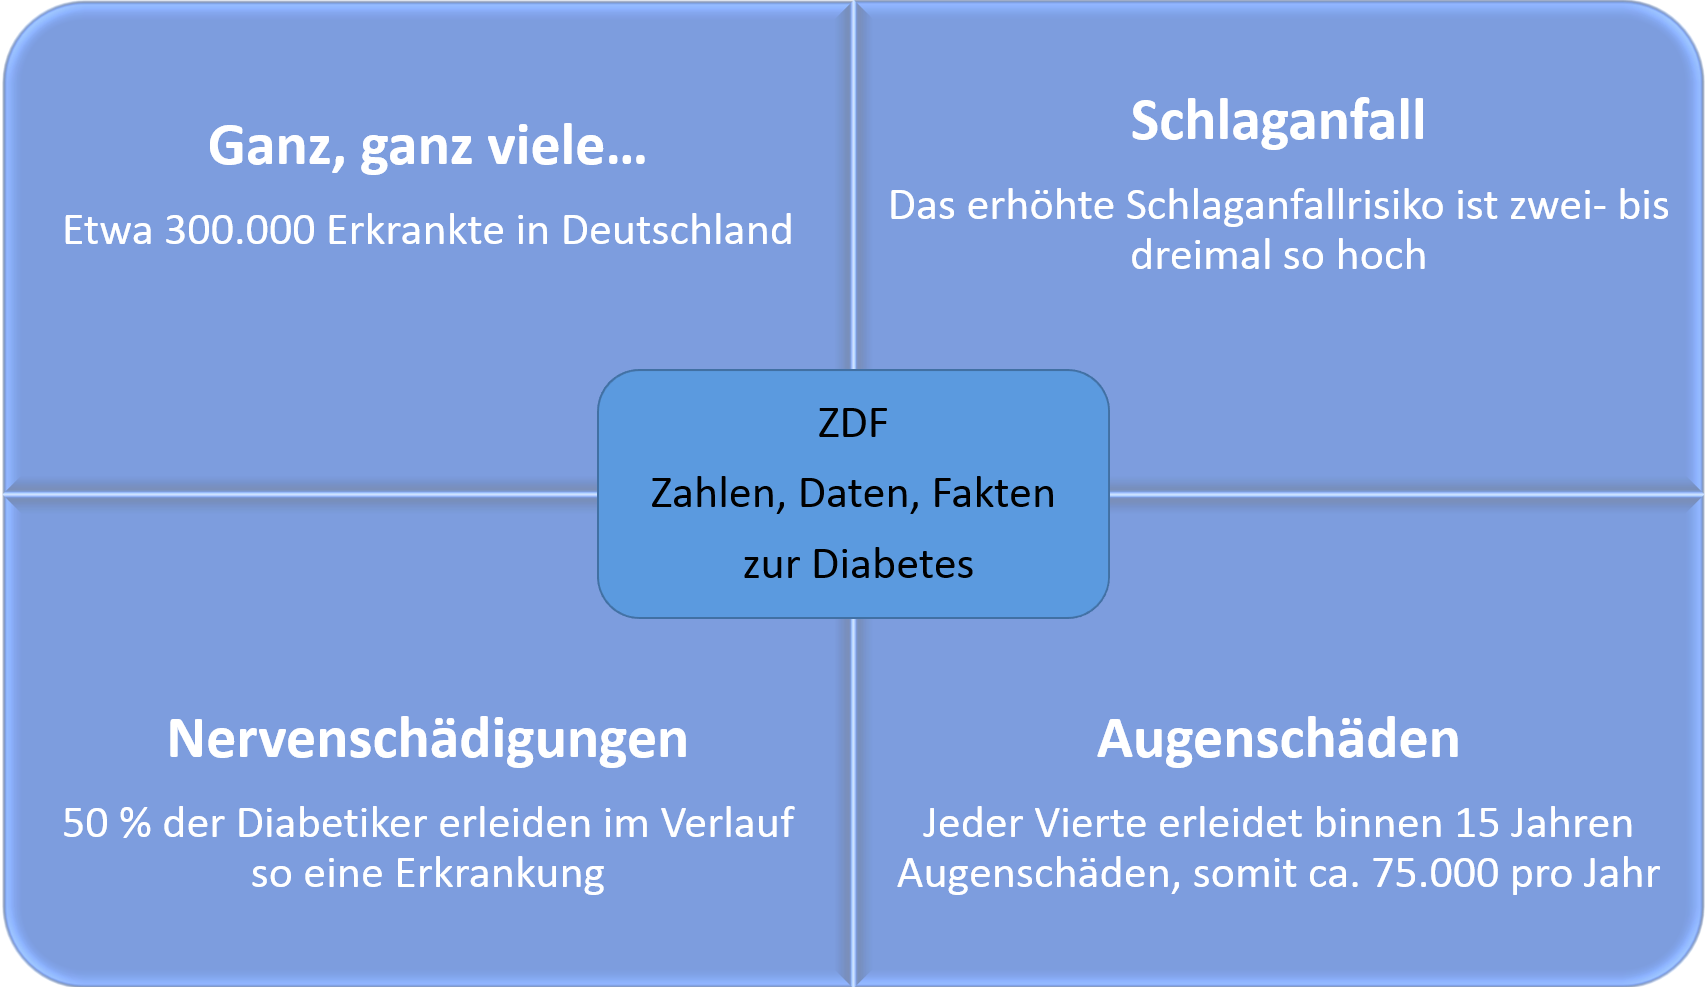 2018-07-24 ZDF Diabetes Nervenschäden, Schlaganfall und Augenschäden